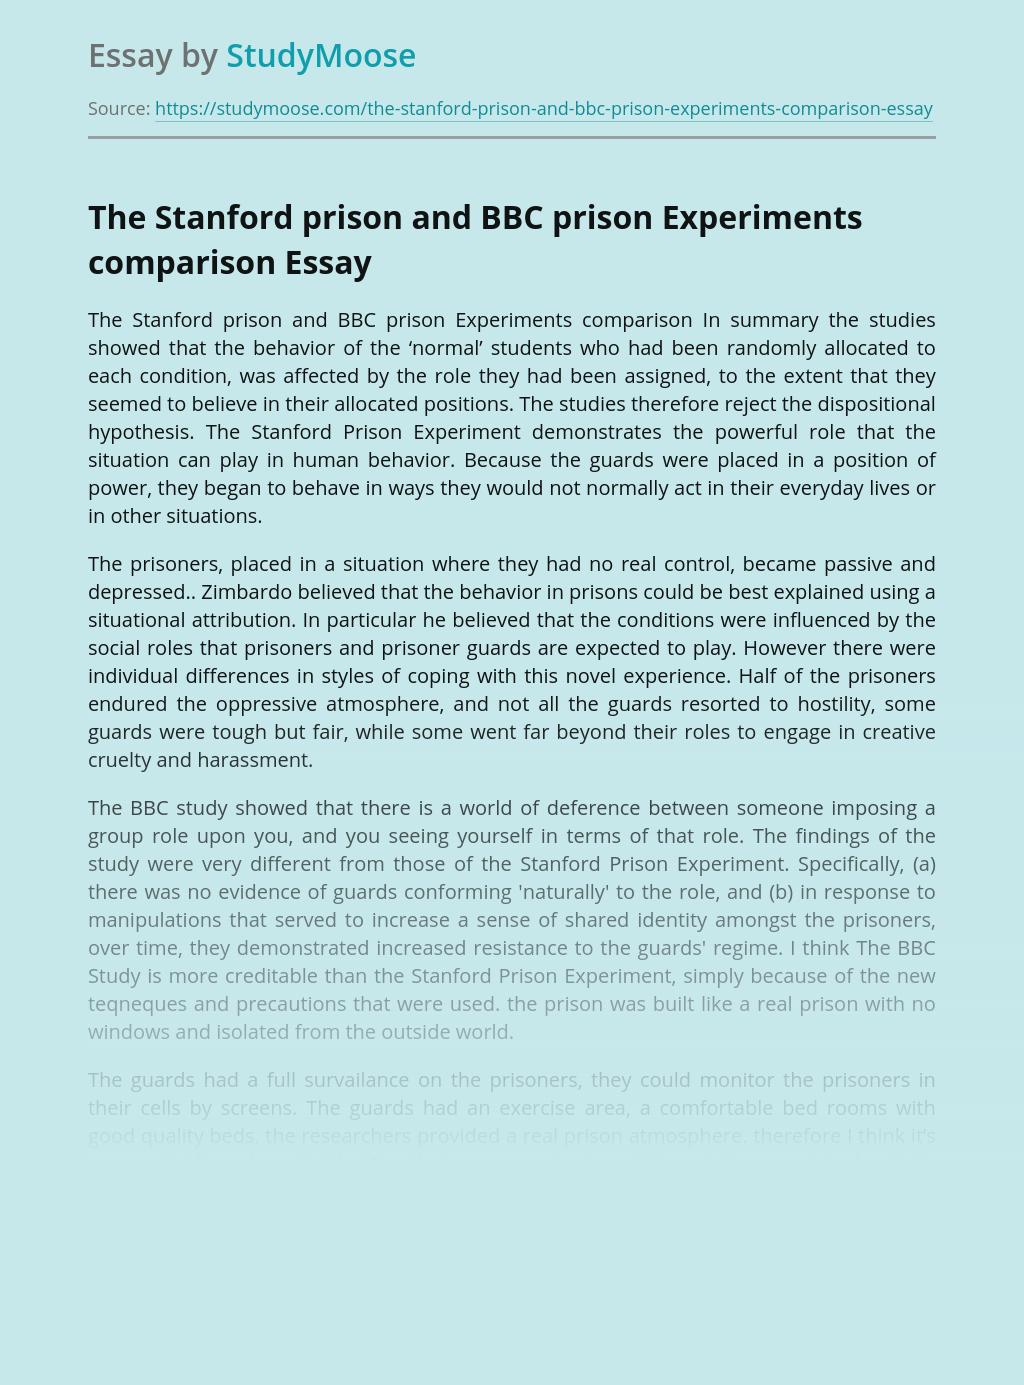 The Stanford Prison and BBC Prison Experiments Comparison